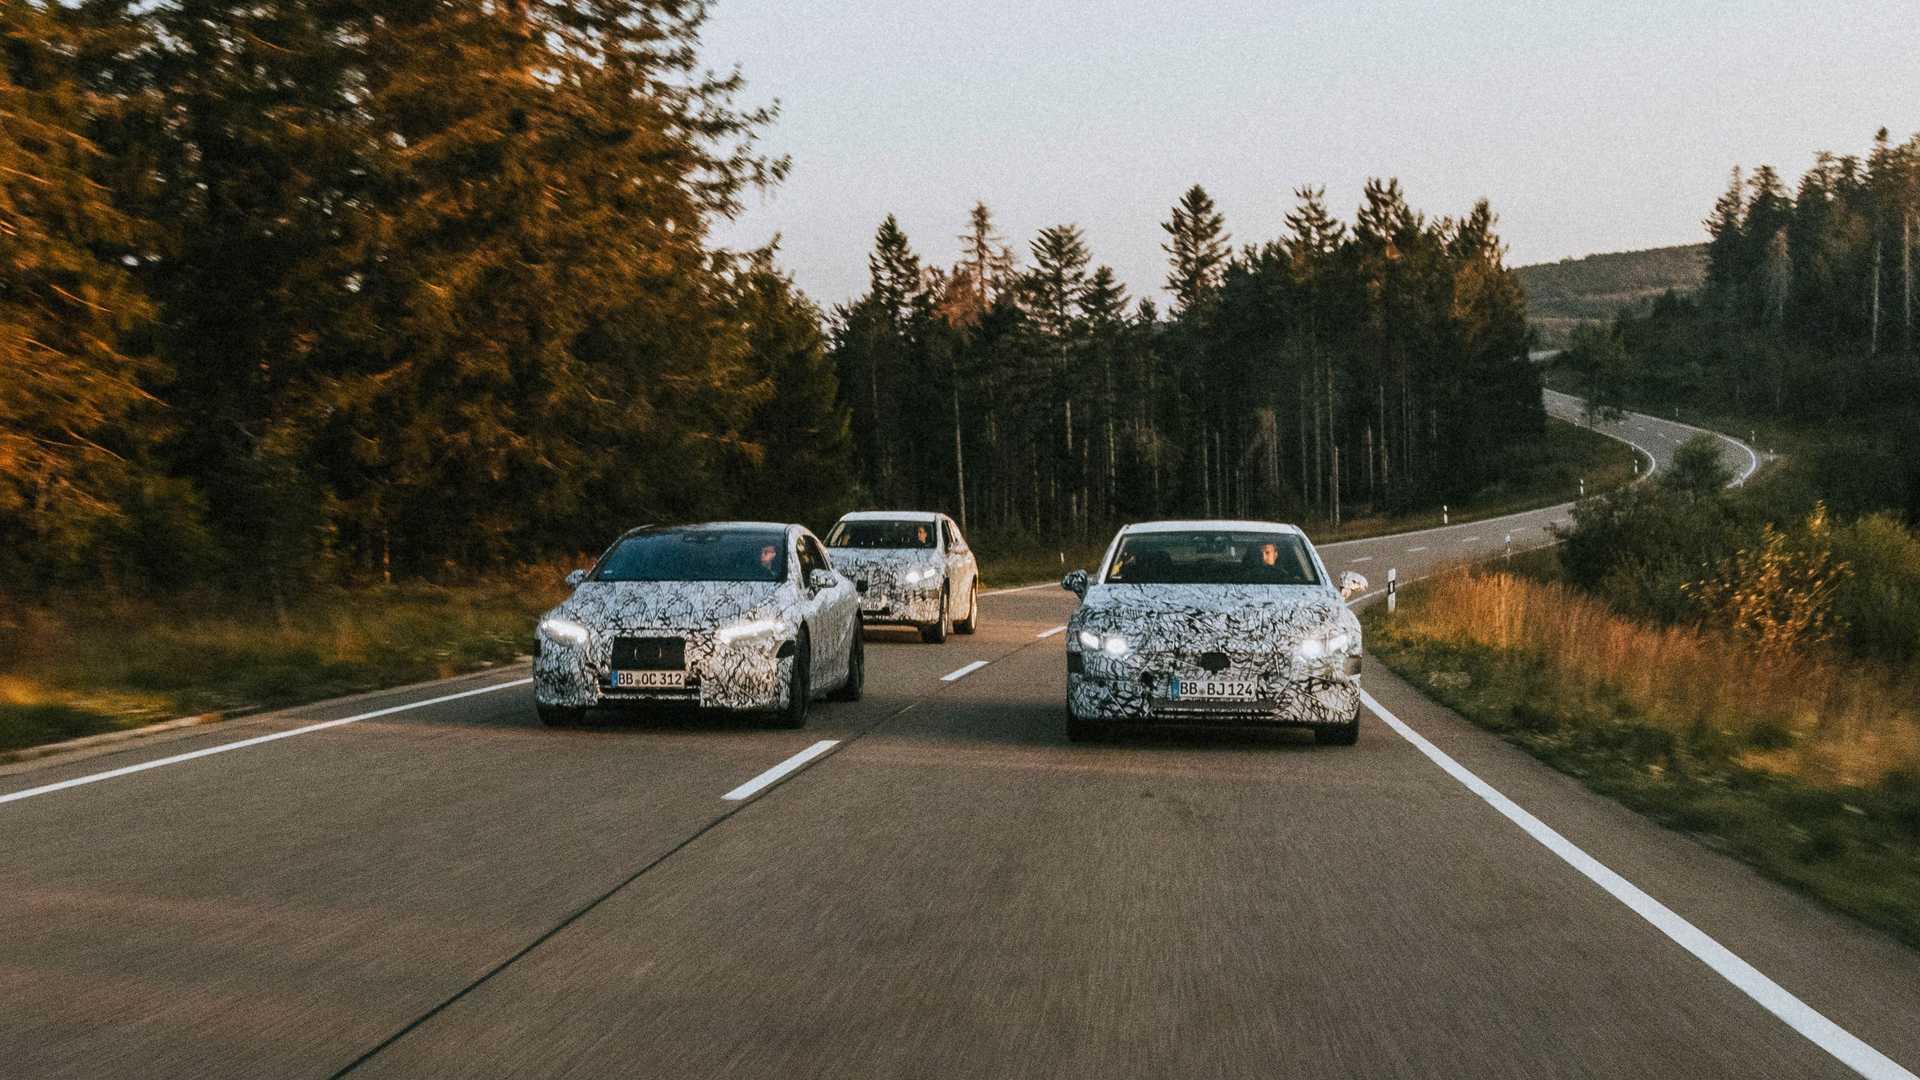 Mercedes-Benz рассказала о своих планах касательно новых моделей электромобилей